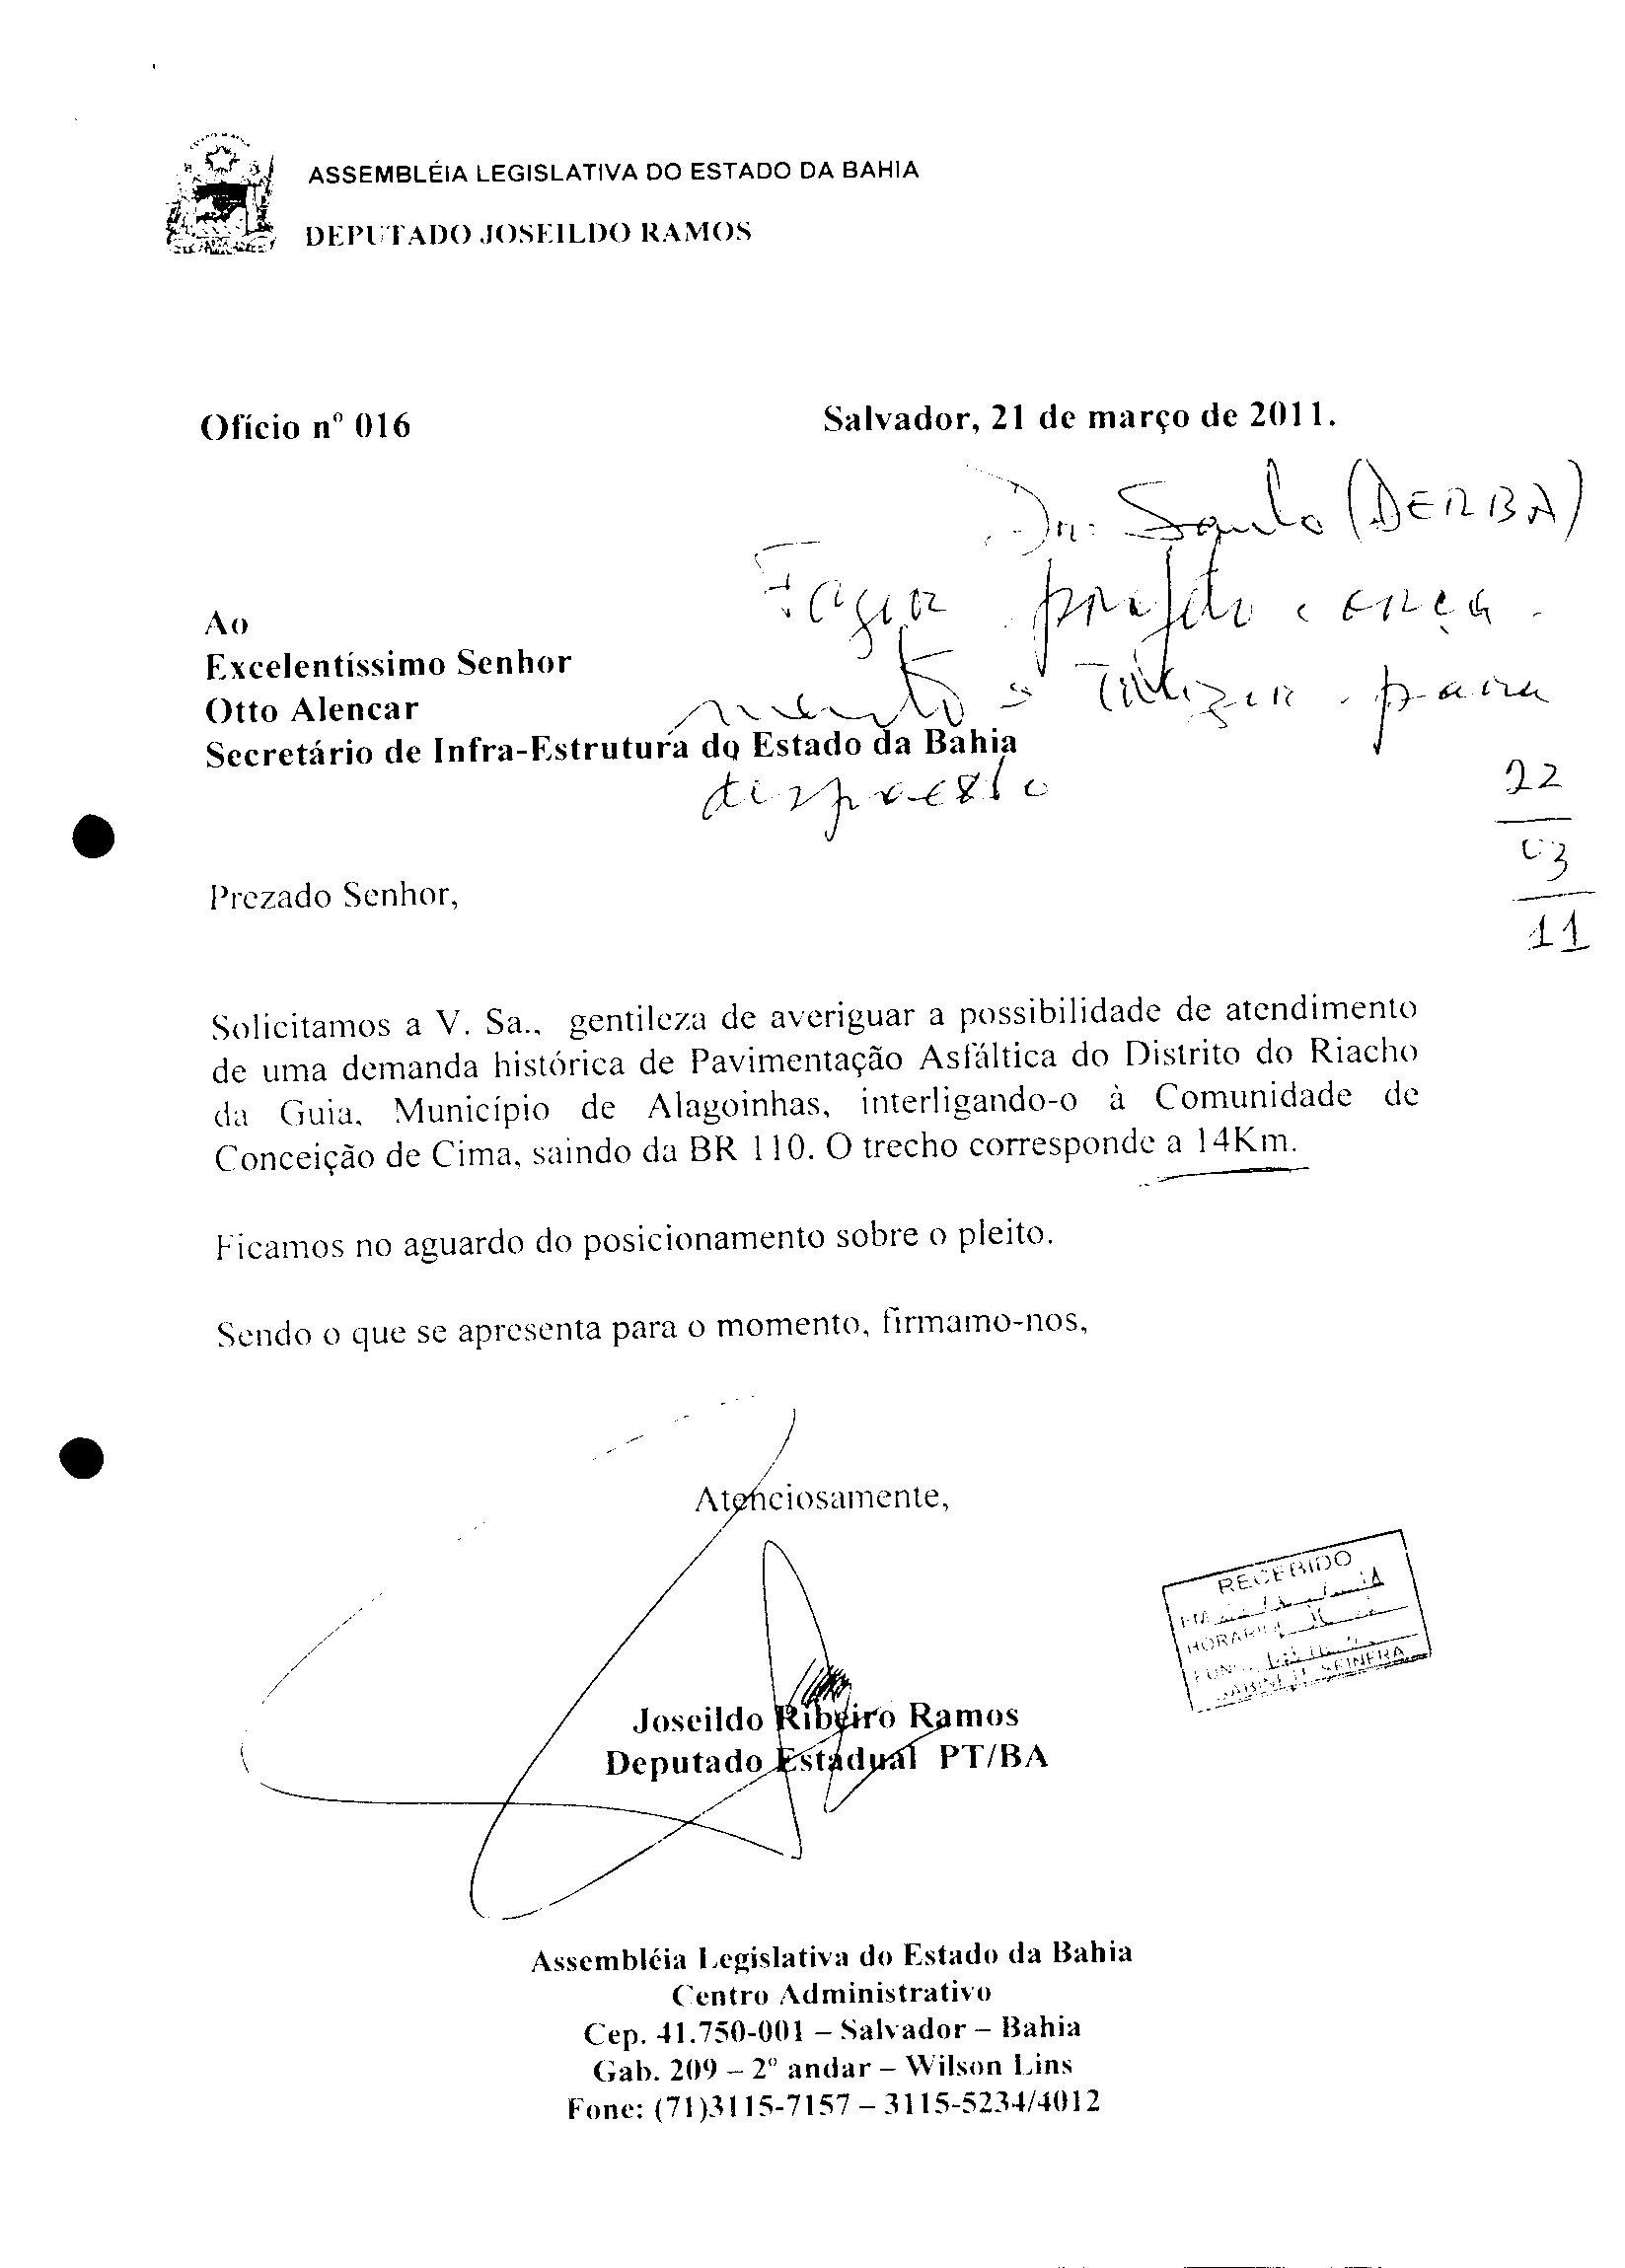 OFICIO JOSEILDO PARA OTTO ALENCAR